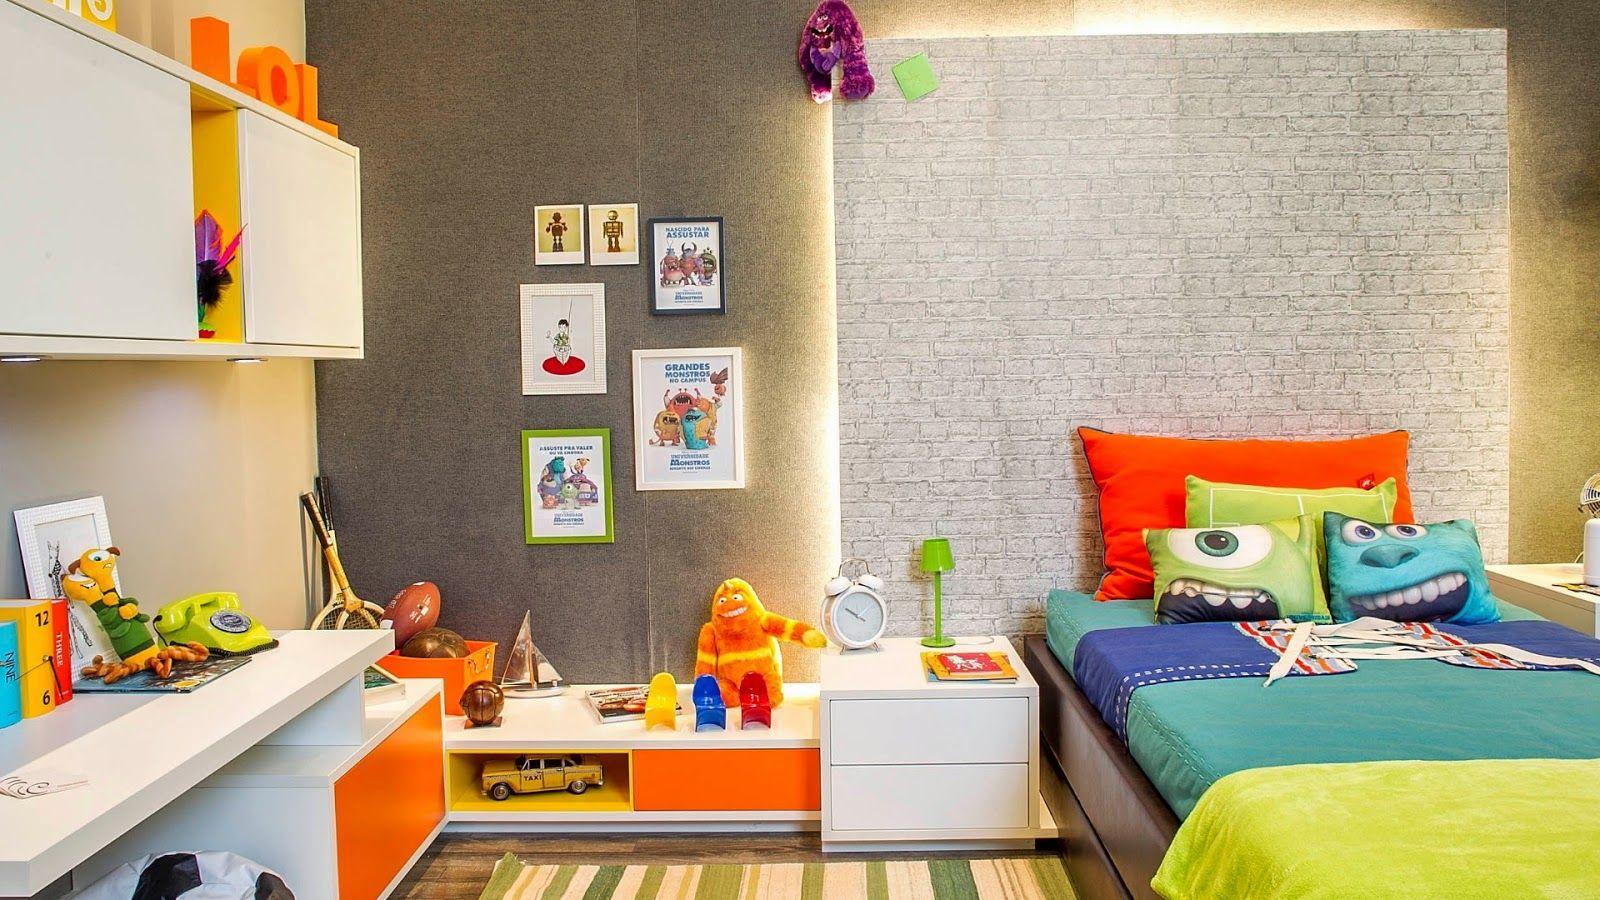 decoração quarto infantil menino ideias inspiracao+(8) jpg